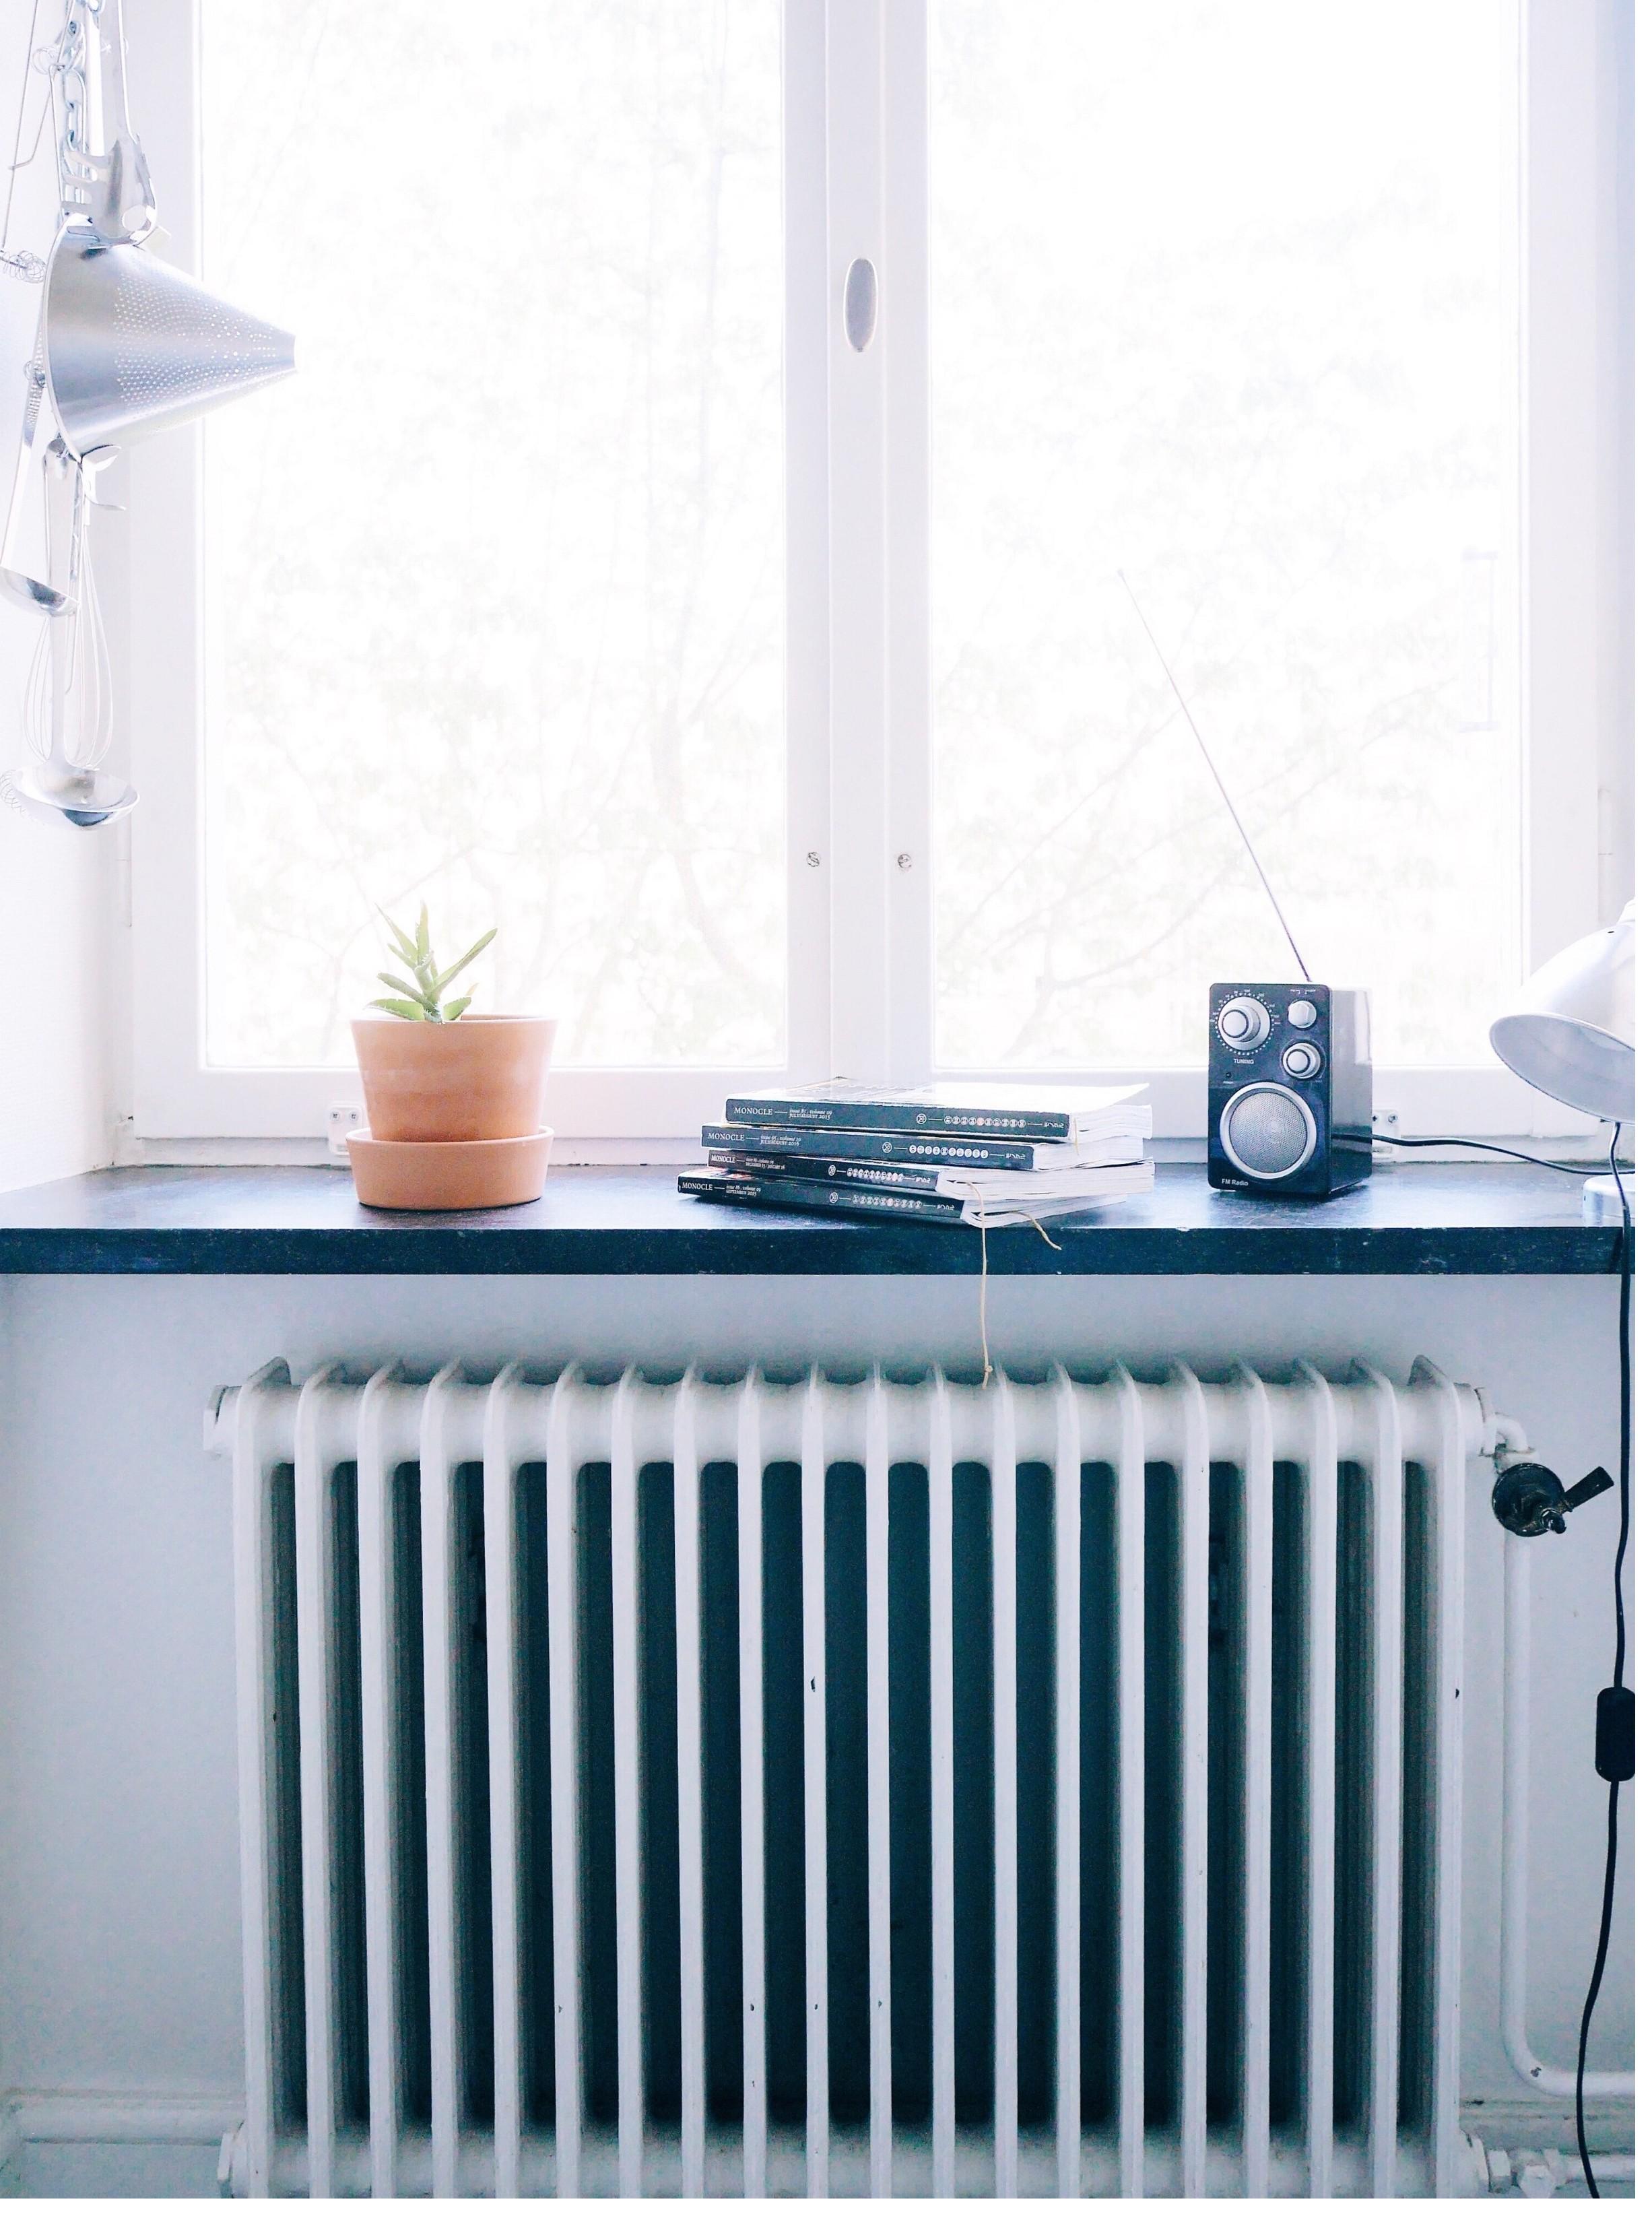 Spese riscaldamento condominiali si devono pagare anche se non si è mai usato